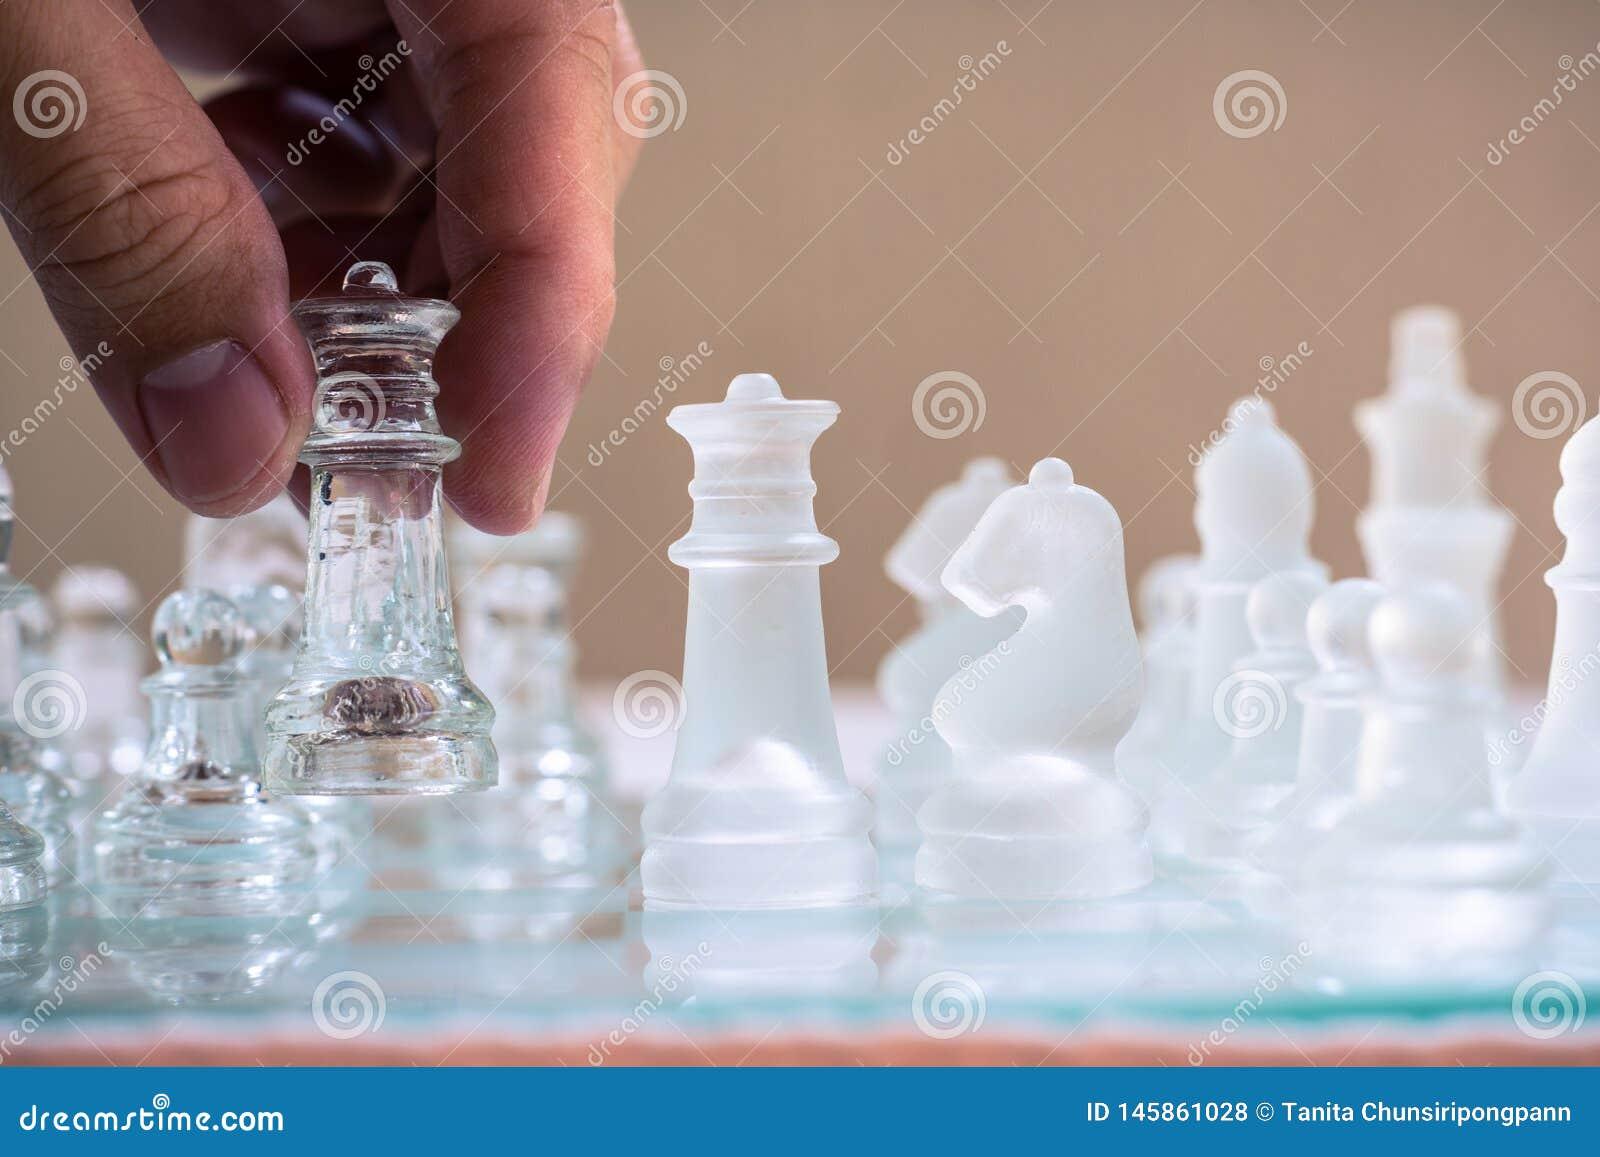 Szachowa gra Du?y ruch wygrywa? Strategia biznesowa i konkurencyjny poj?cie kosmos kopii